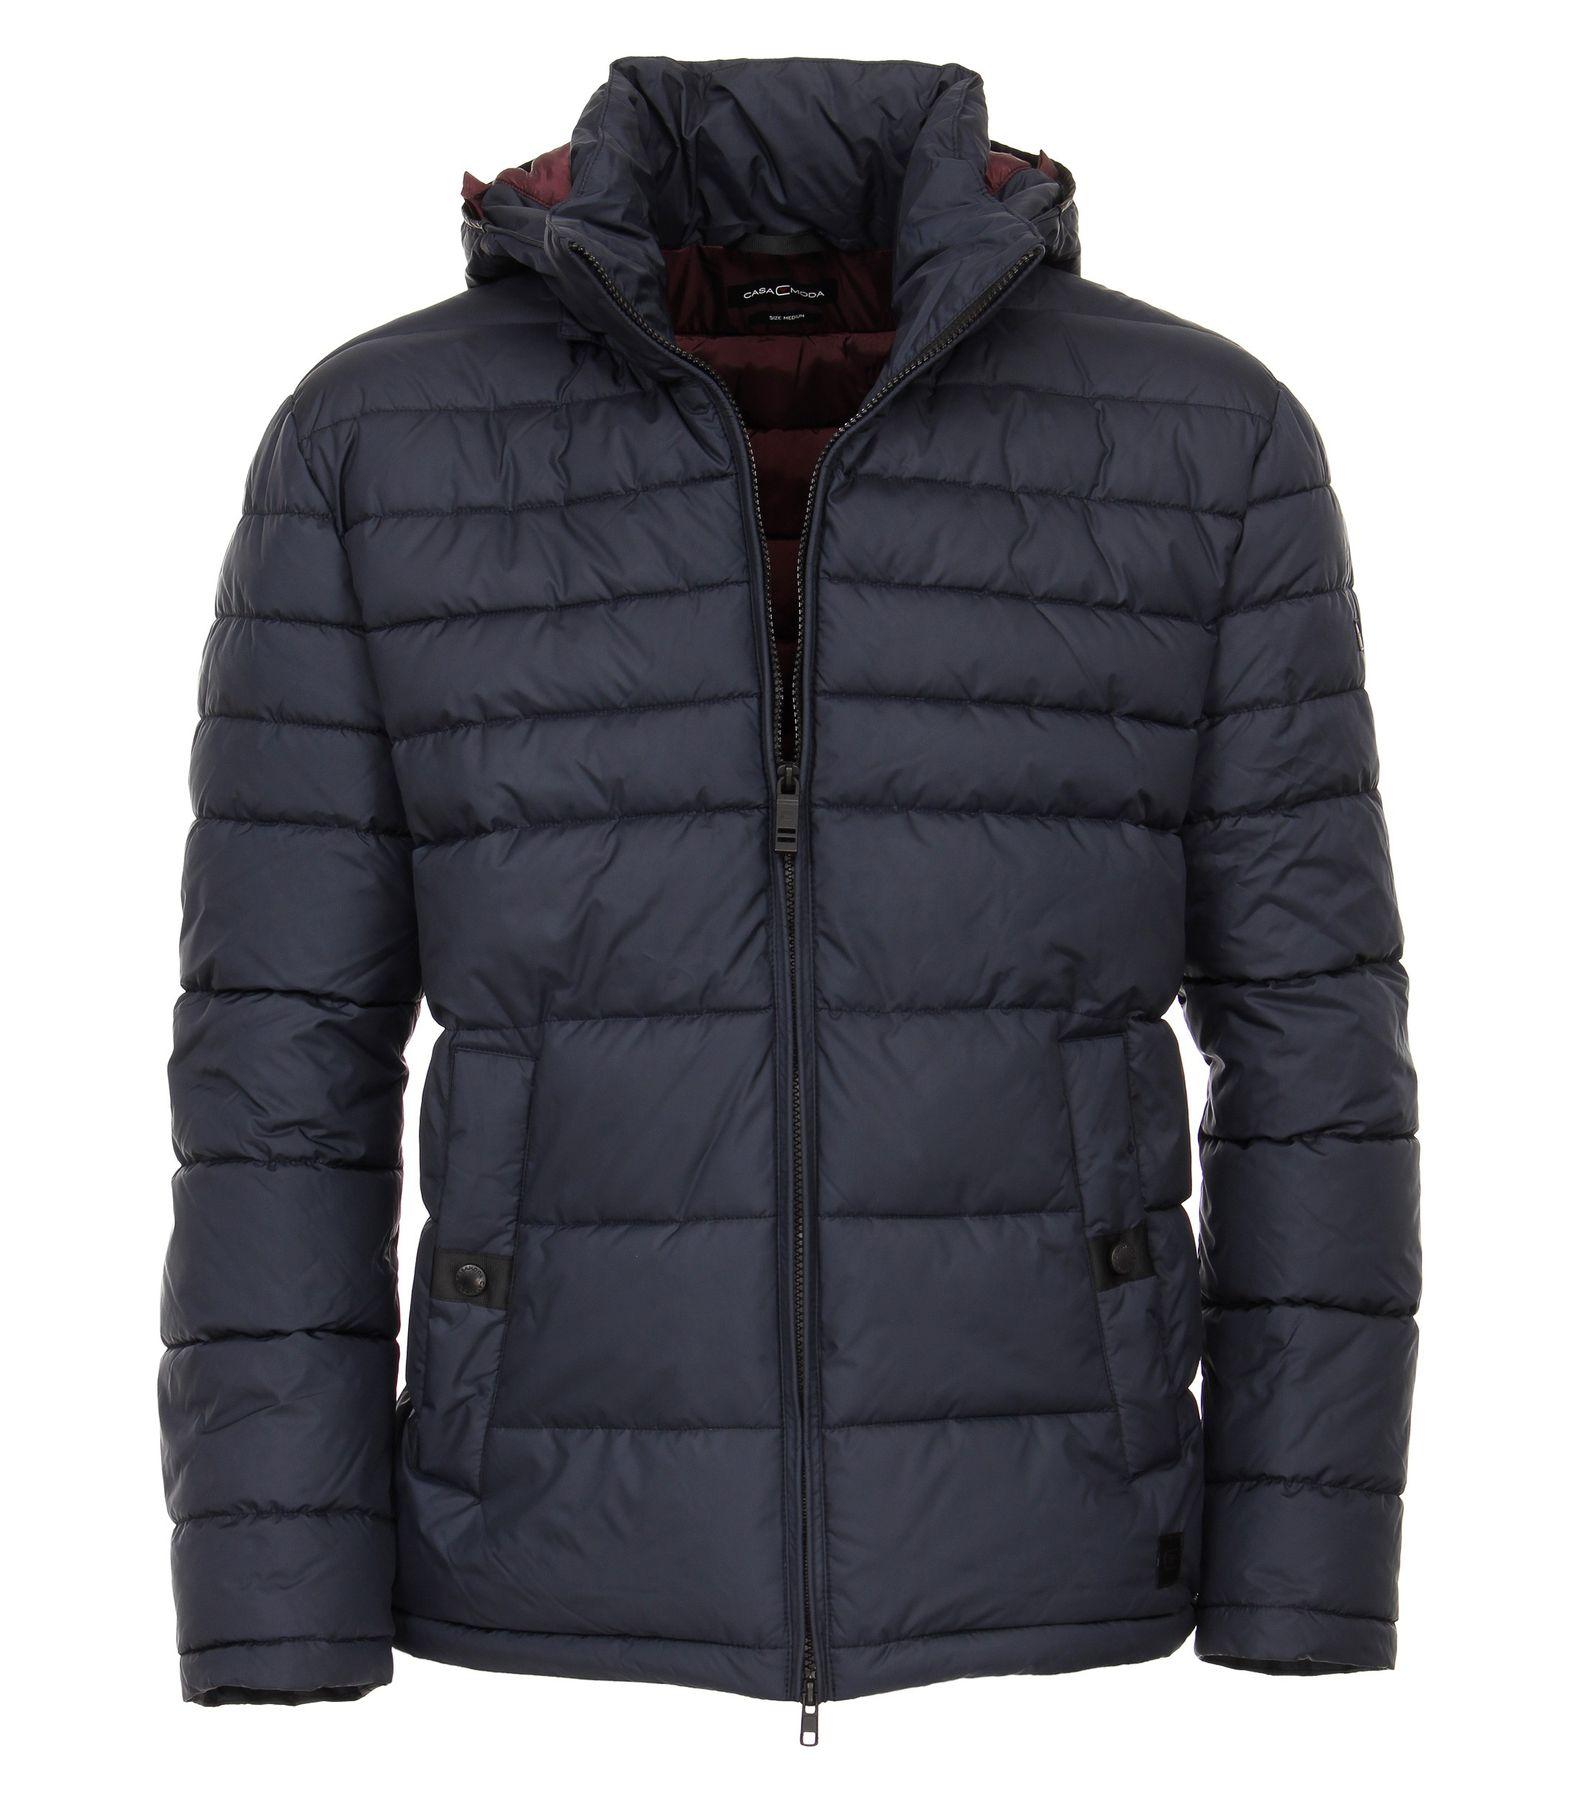 Casa Moda - Herren Jacke unifarben modisch gesteppt mit Einschubtaschen in verschiedenen Farben (583082700) – Bild 1